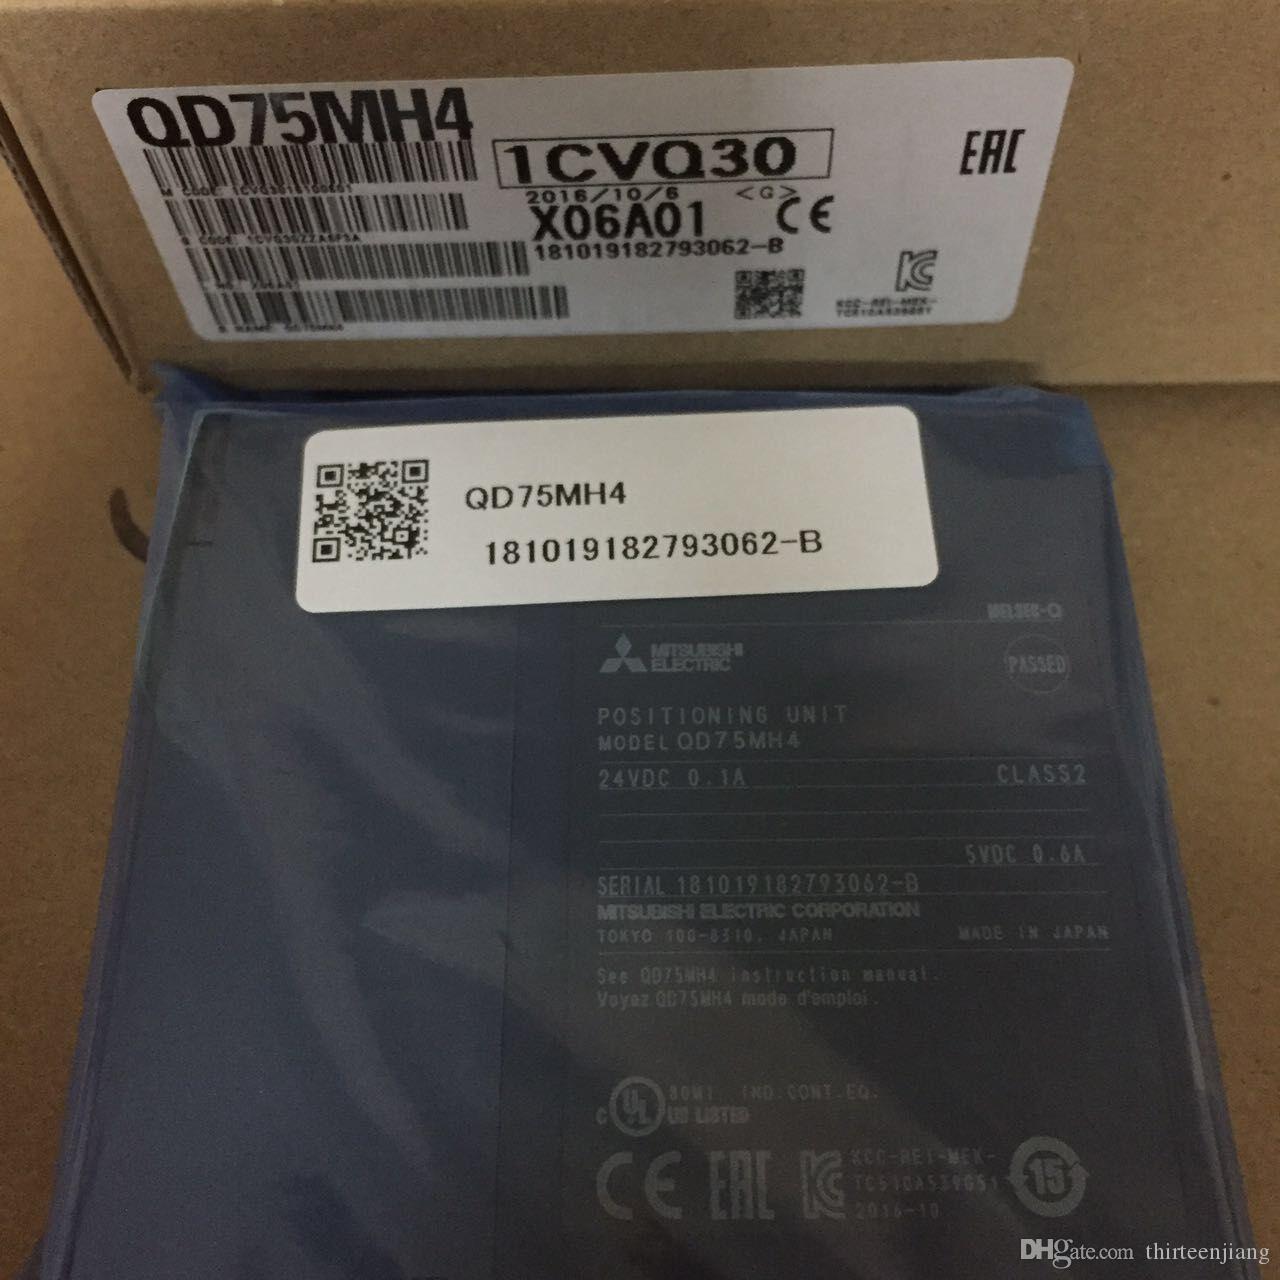 1 PCS Original MITSUBISHI Unidade de Posicionamento QD75MH4 GRÁTIS EXPEDIDO envio NOVO / Usado